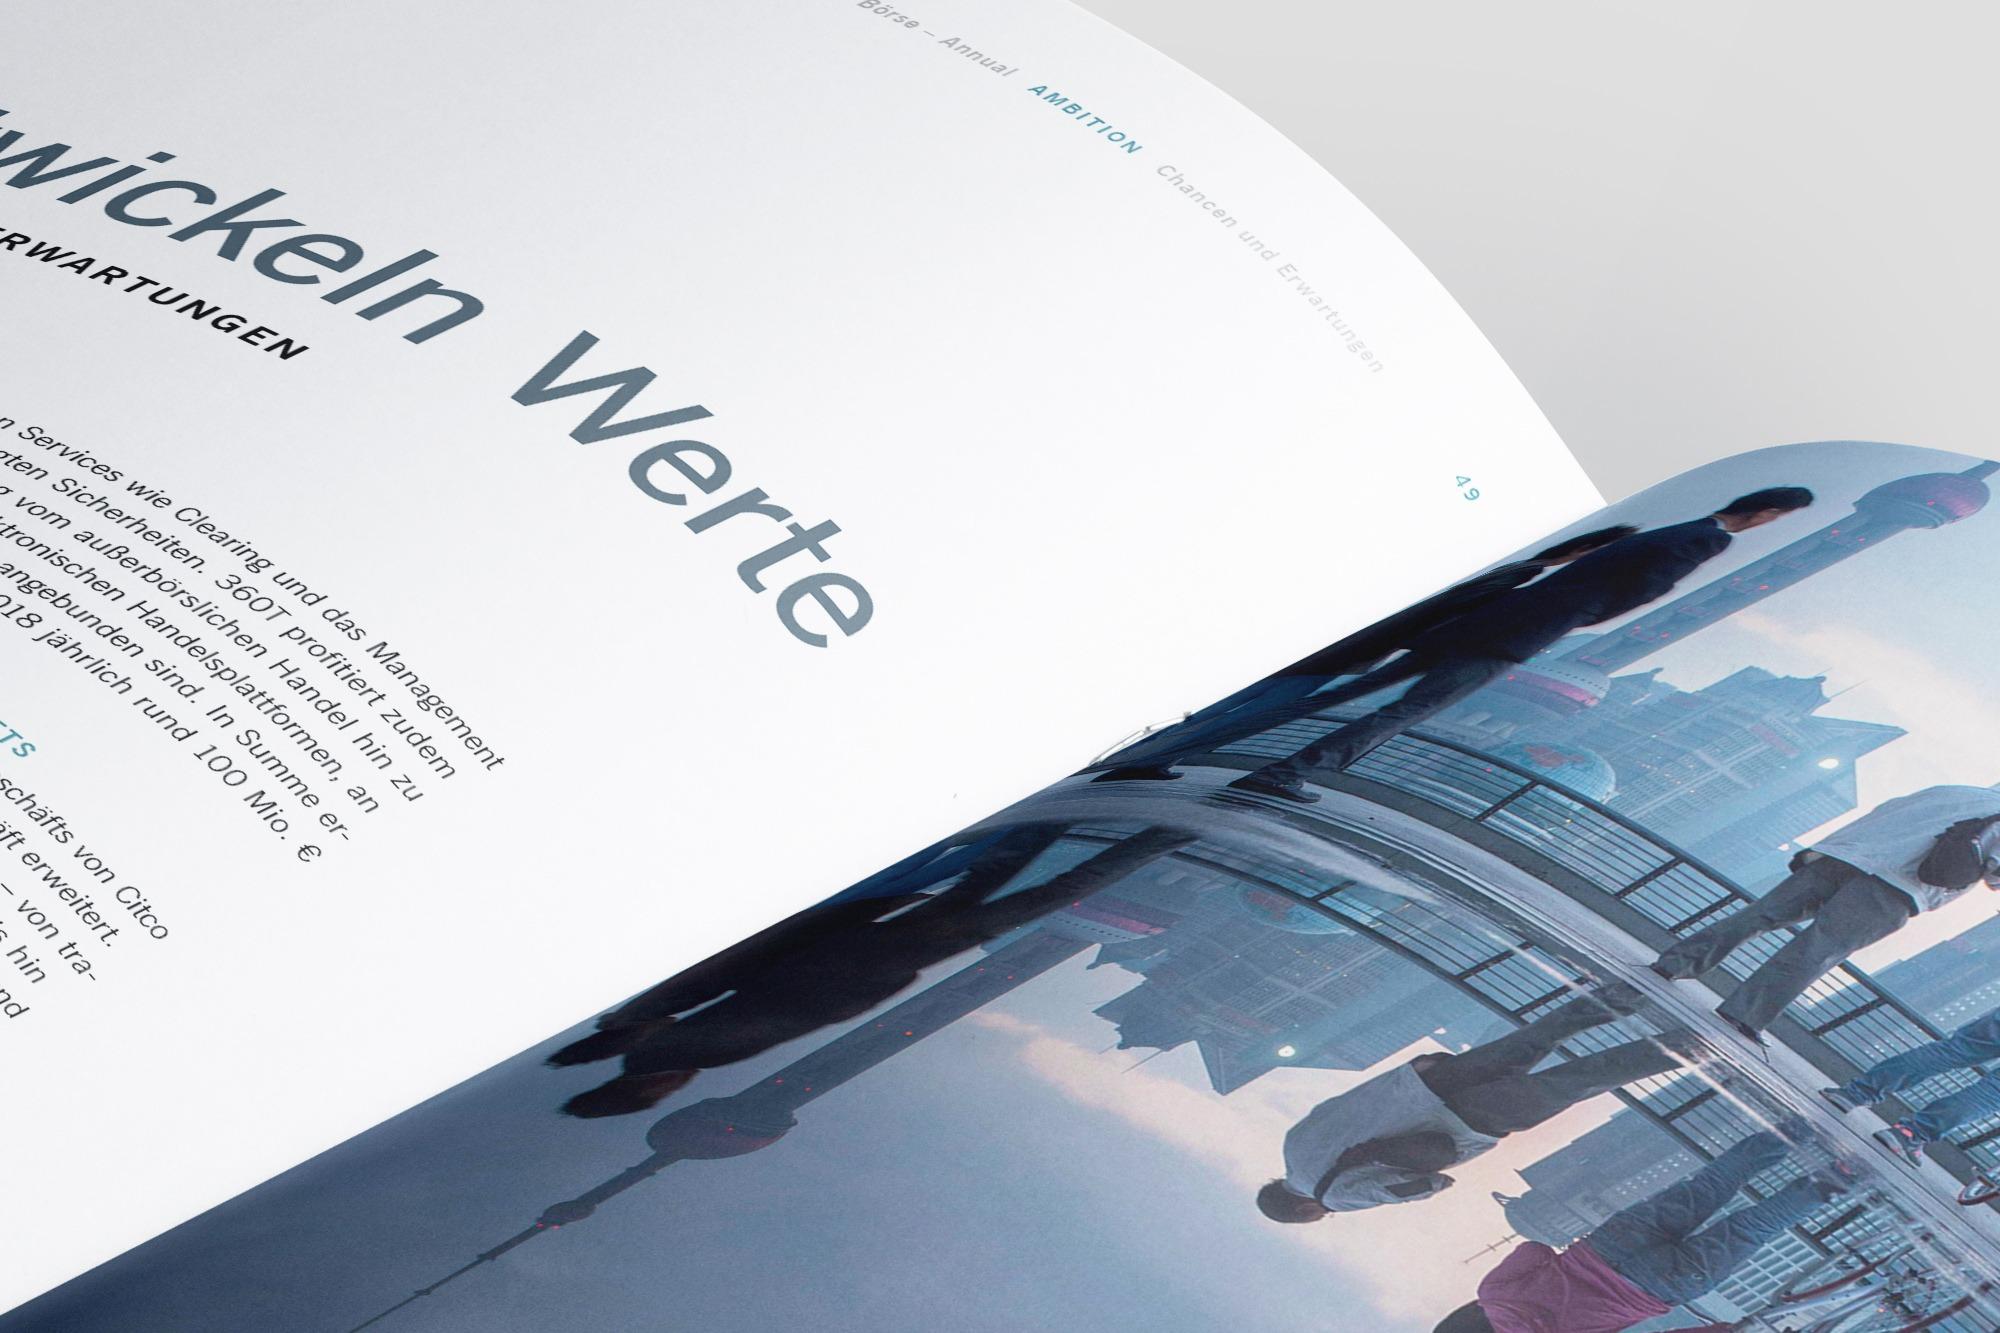 Studio dos, Grafikdesign Osnabrück, Gruppe Deutsche Börse Annual Innenseite aufgeschlagen Detail